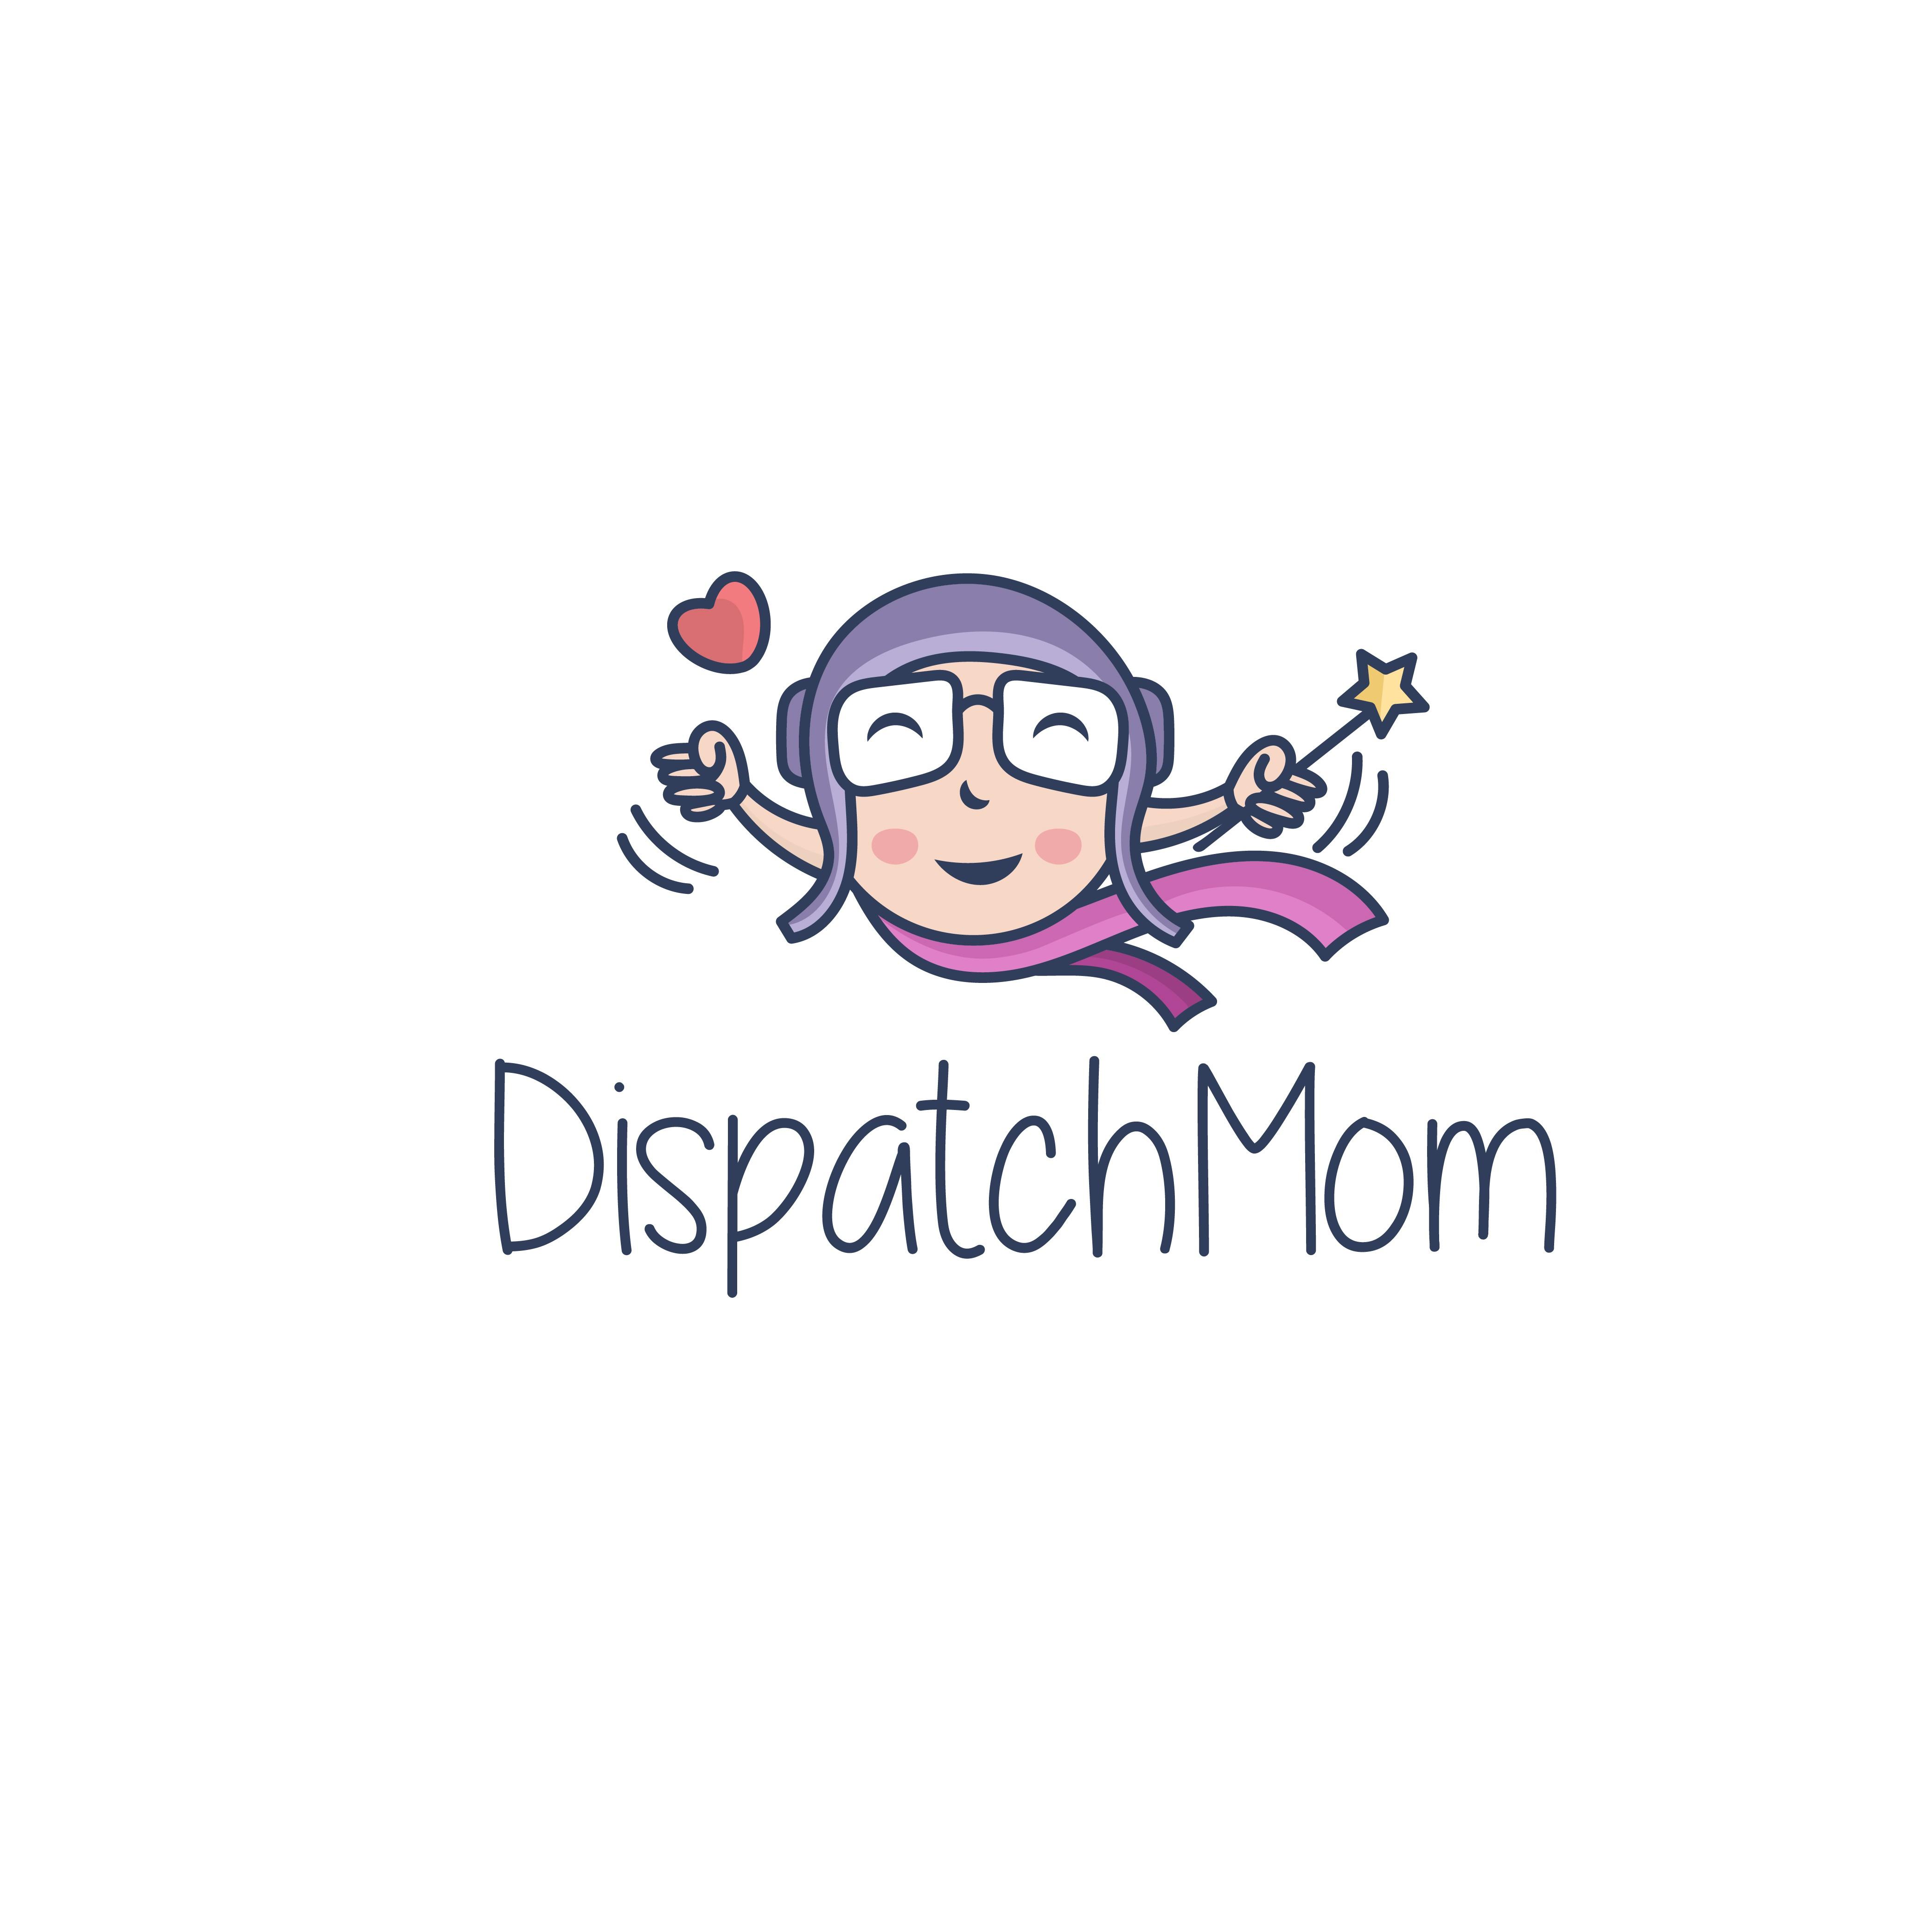 DispatchMom